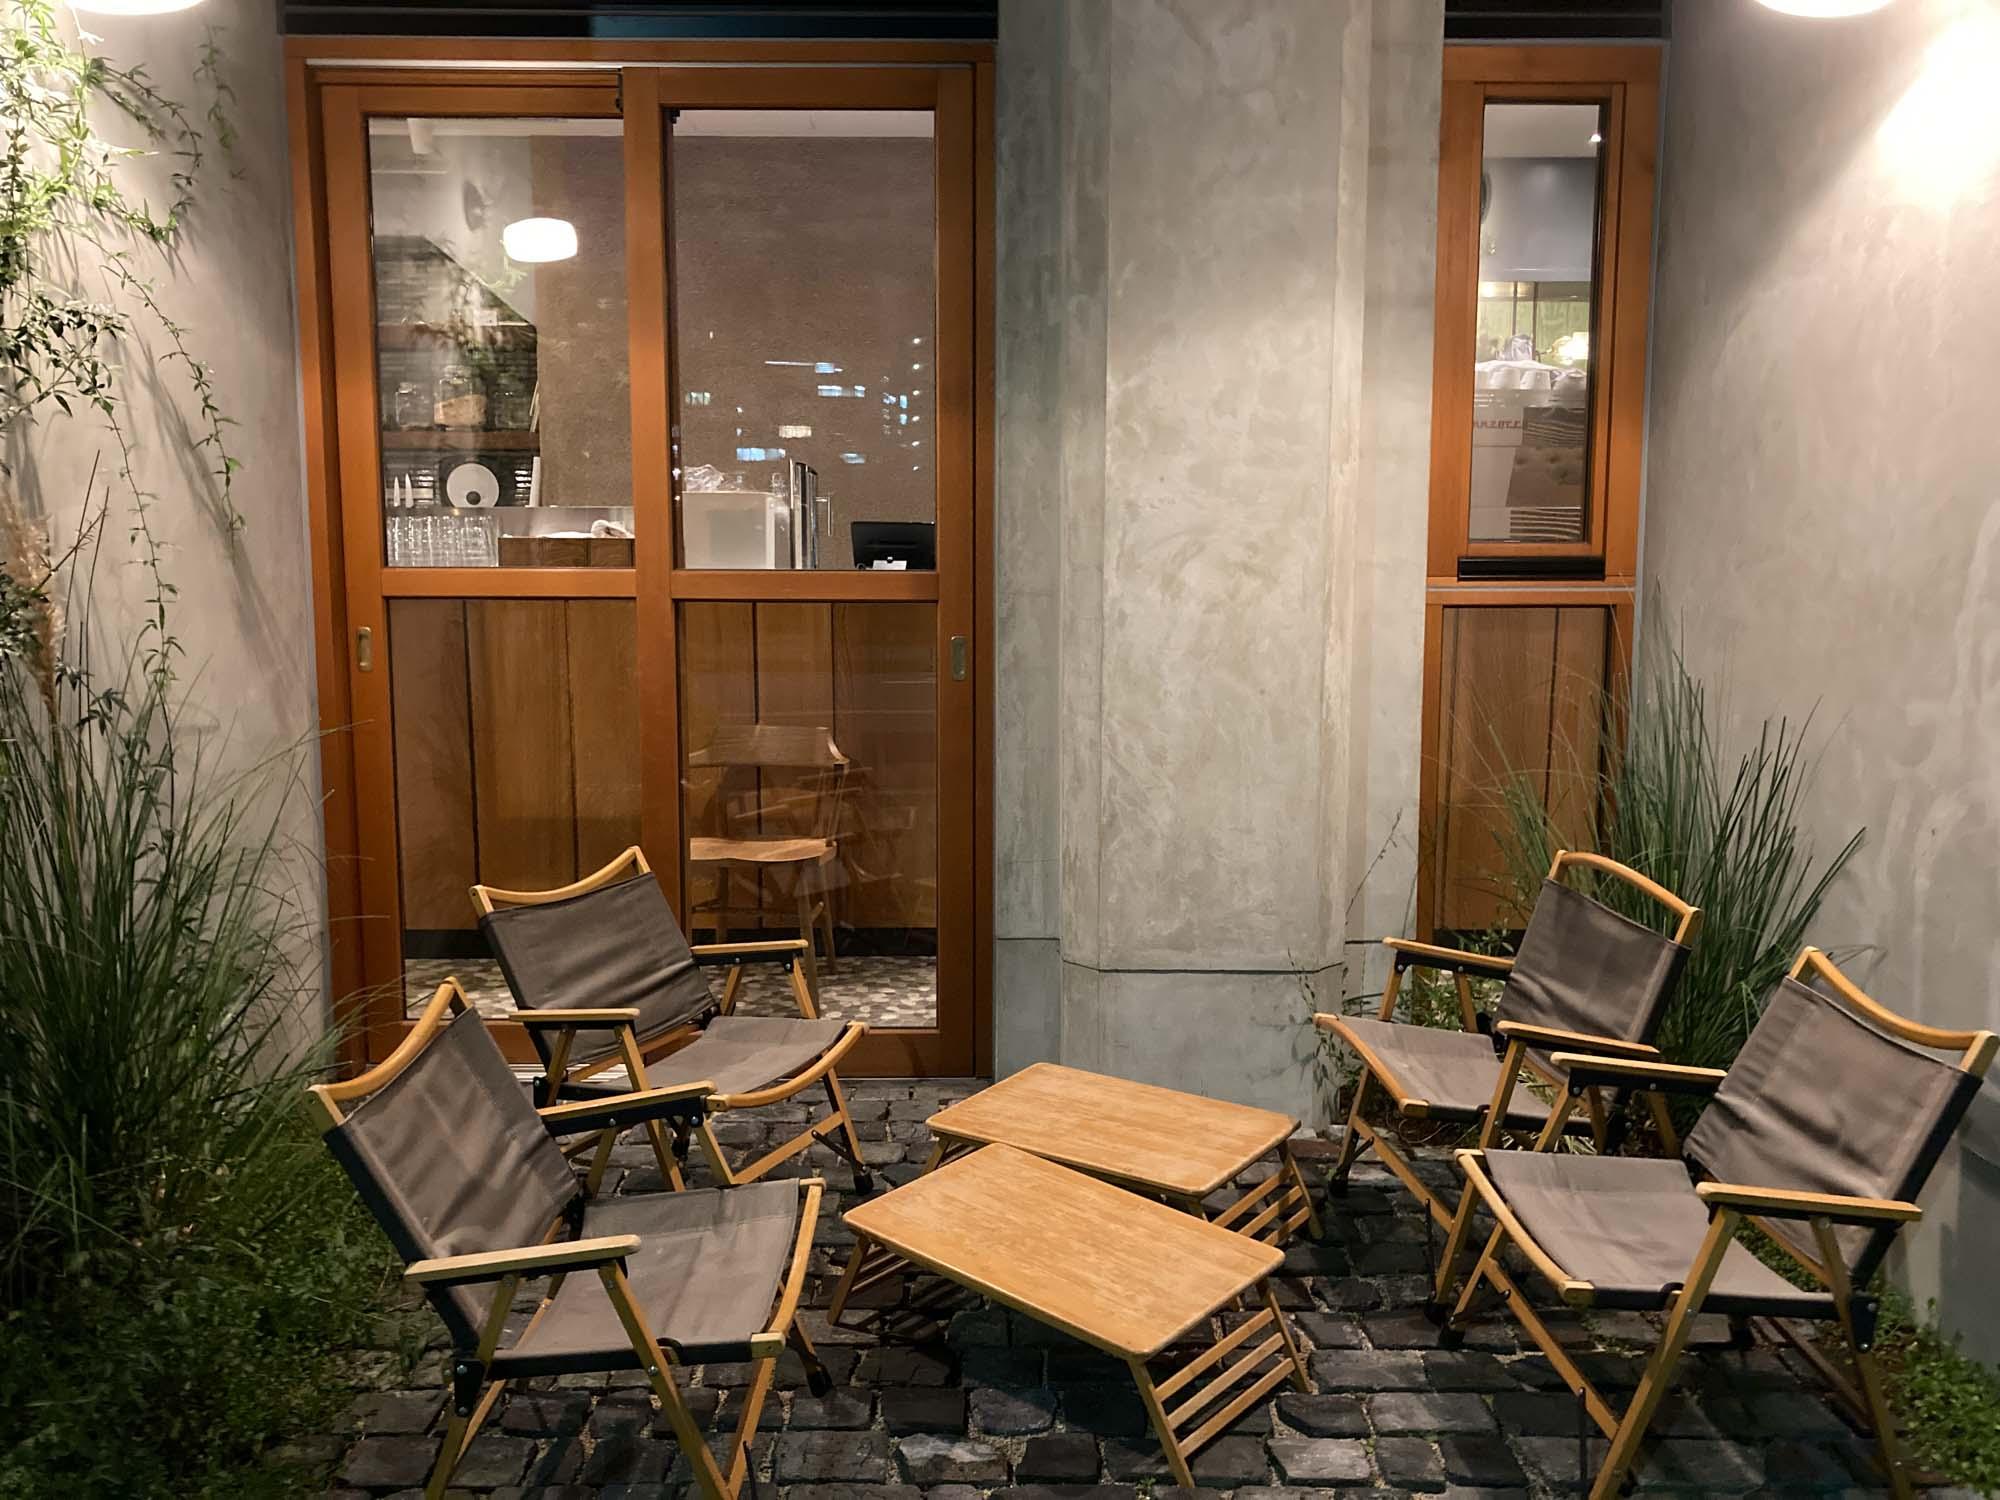 お、屋外の席もありました。自宅にこんなカフェラウンジがある生活なんて、贅沢だなぁ。